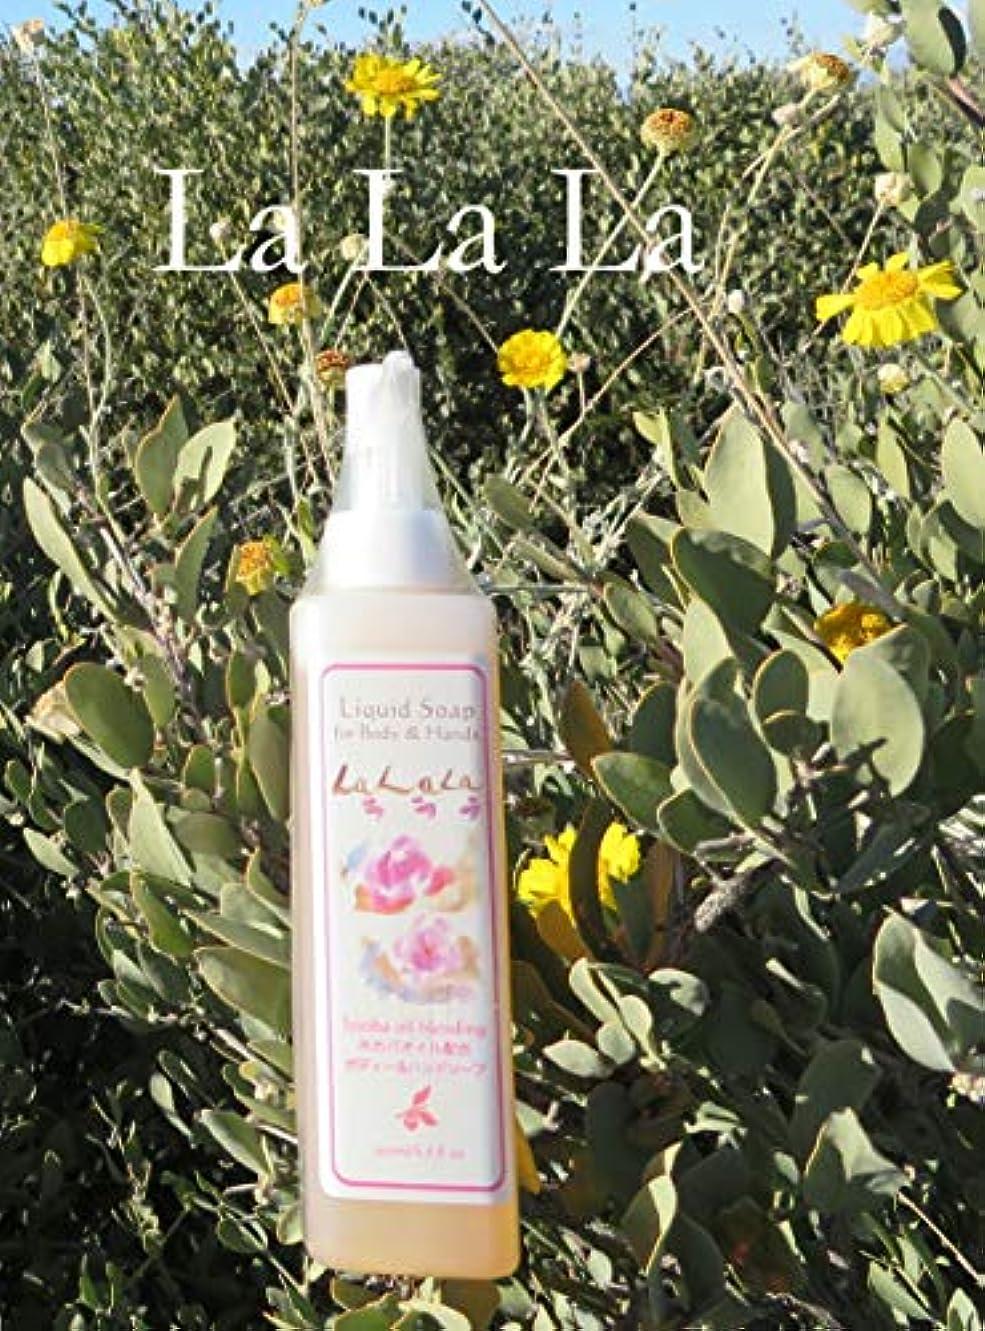 概して冒険家八百屋ラララ LA LA LA アリゾナ砂漠の美宝神秘の植物原種のゴールデンホホバオイル配合リキッドソープ ボディー&ハンド用